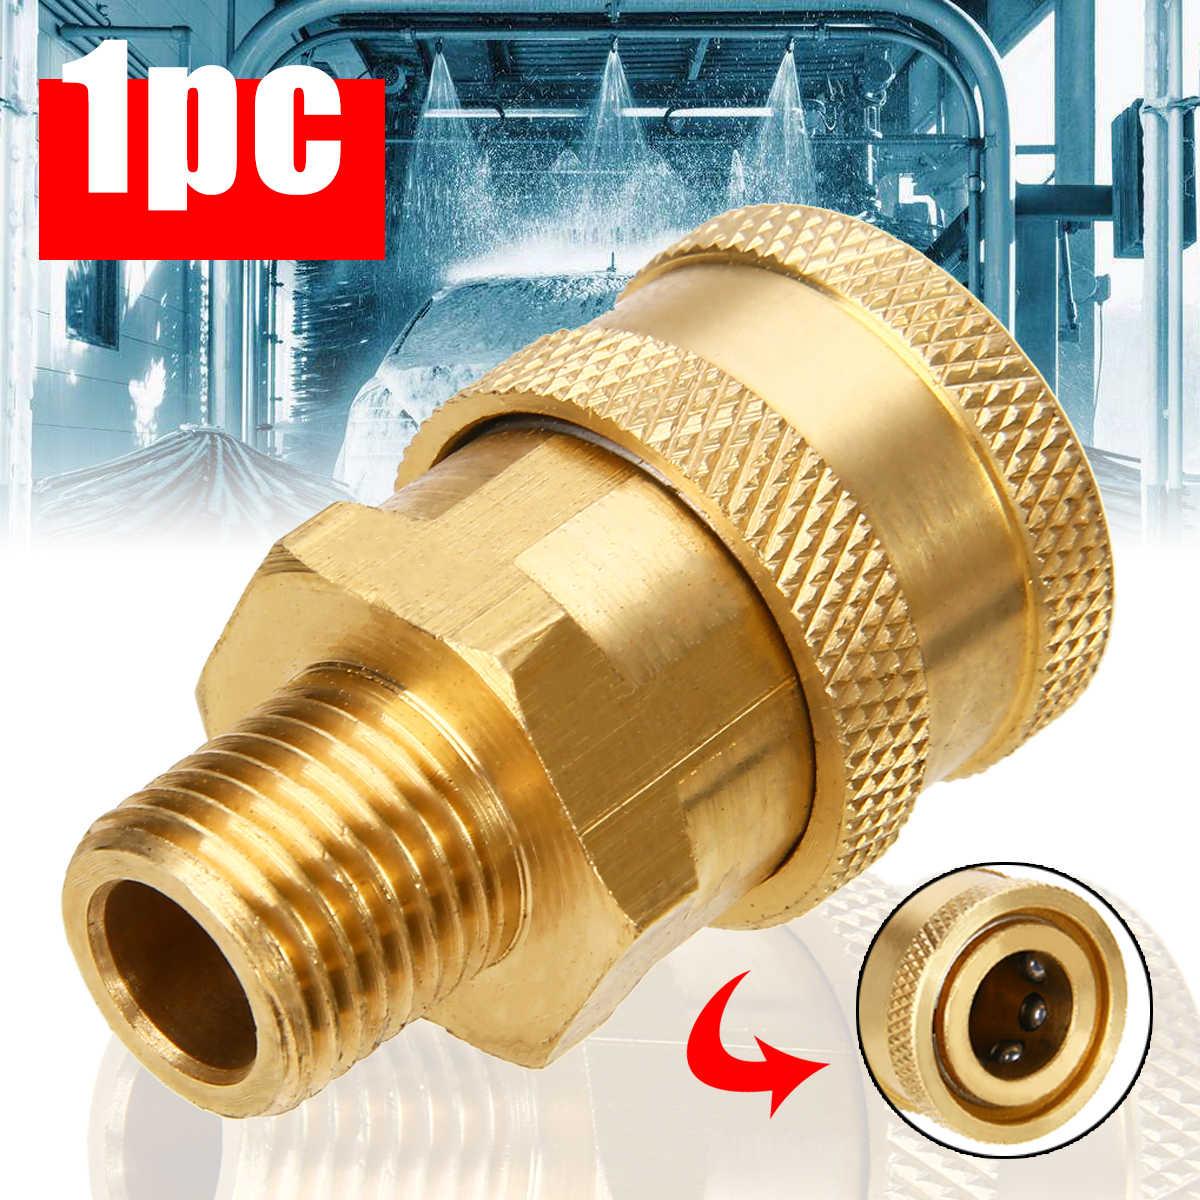 Manguera Barb Fuel Gas Agua paquete de 5 AiCheaX LTWHOME Acoplador//adaptador de conexi/ón BSP de lat/ón 1//4BSPP hembra x 5//16 8 mm